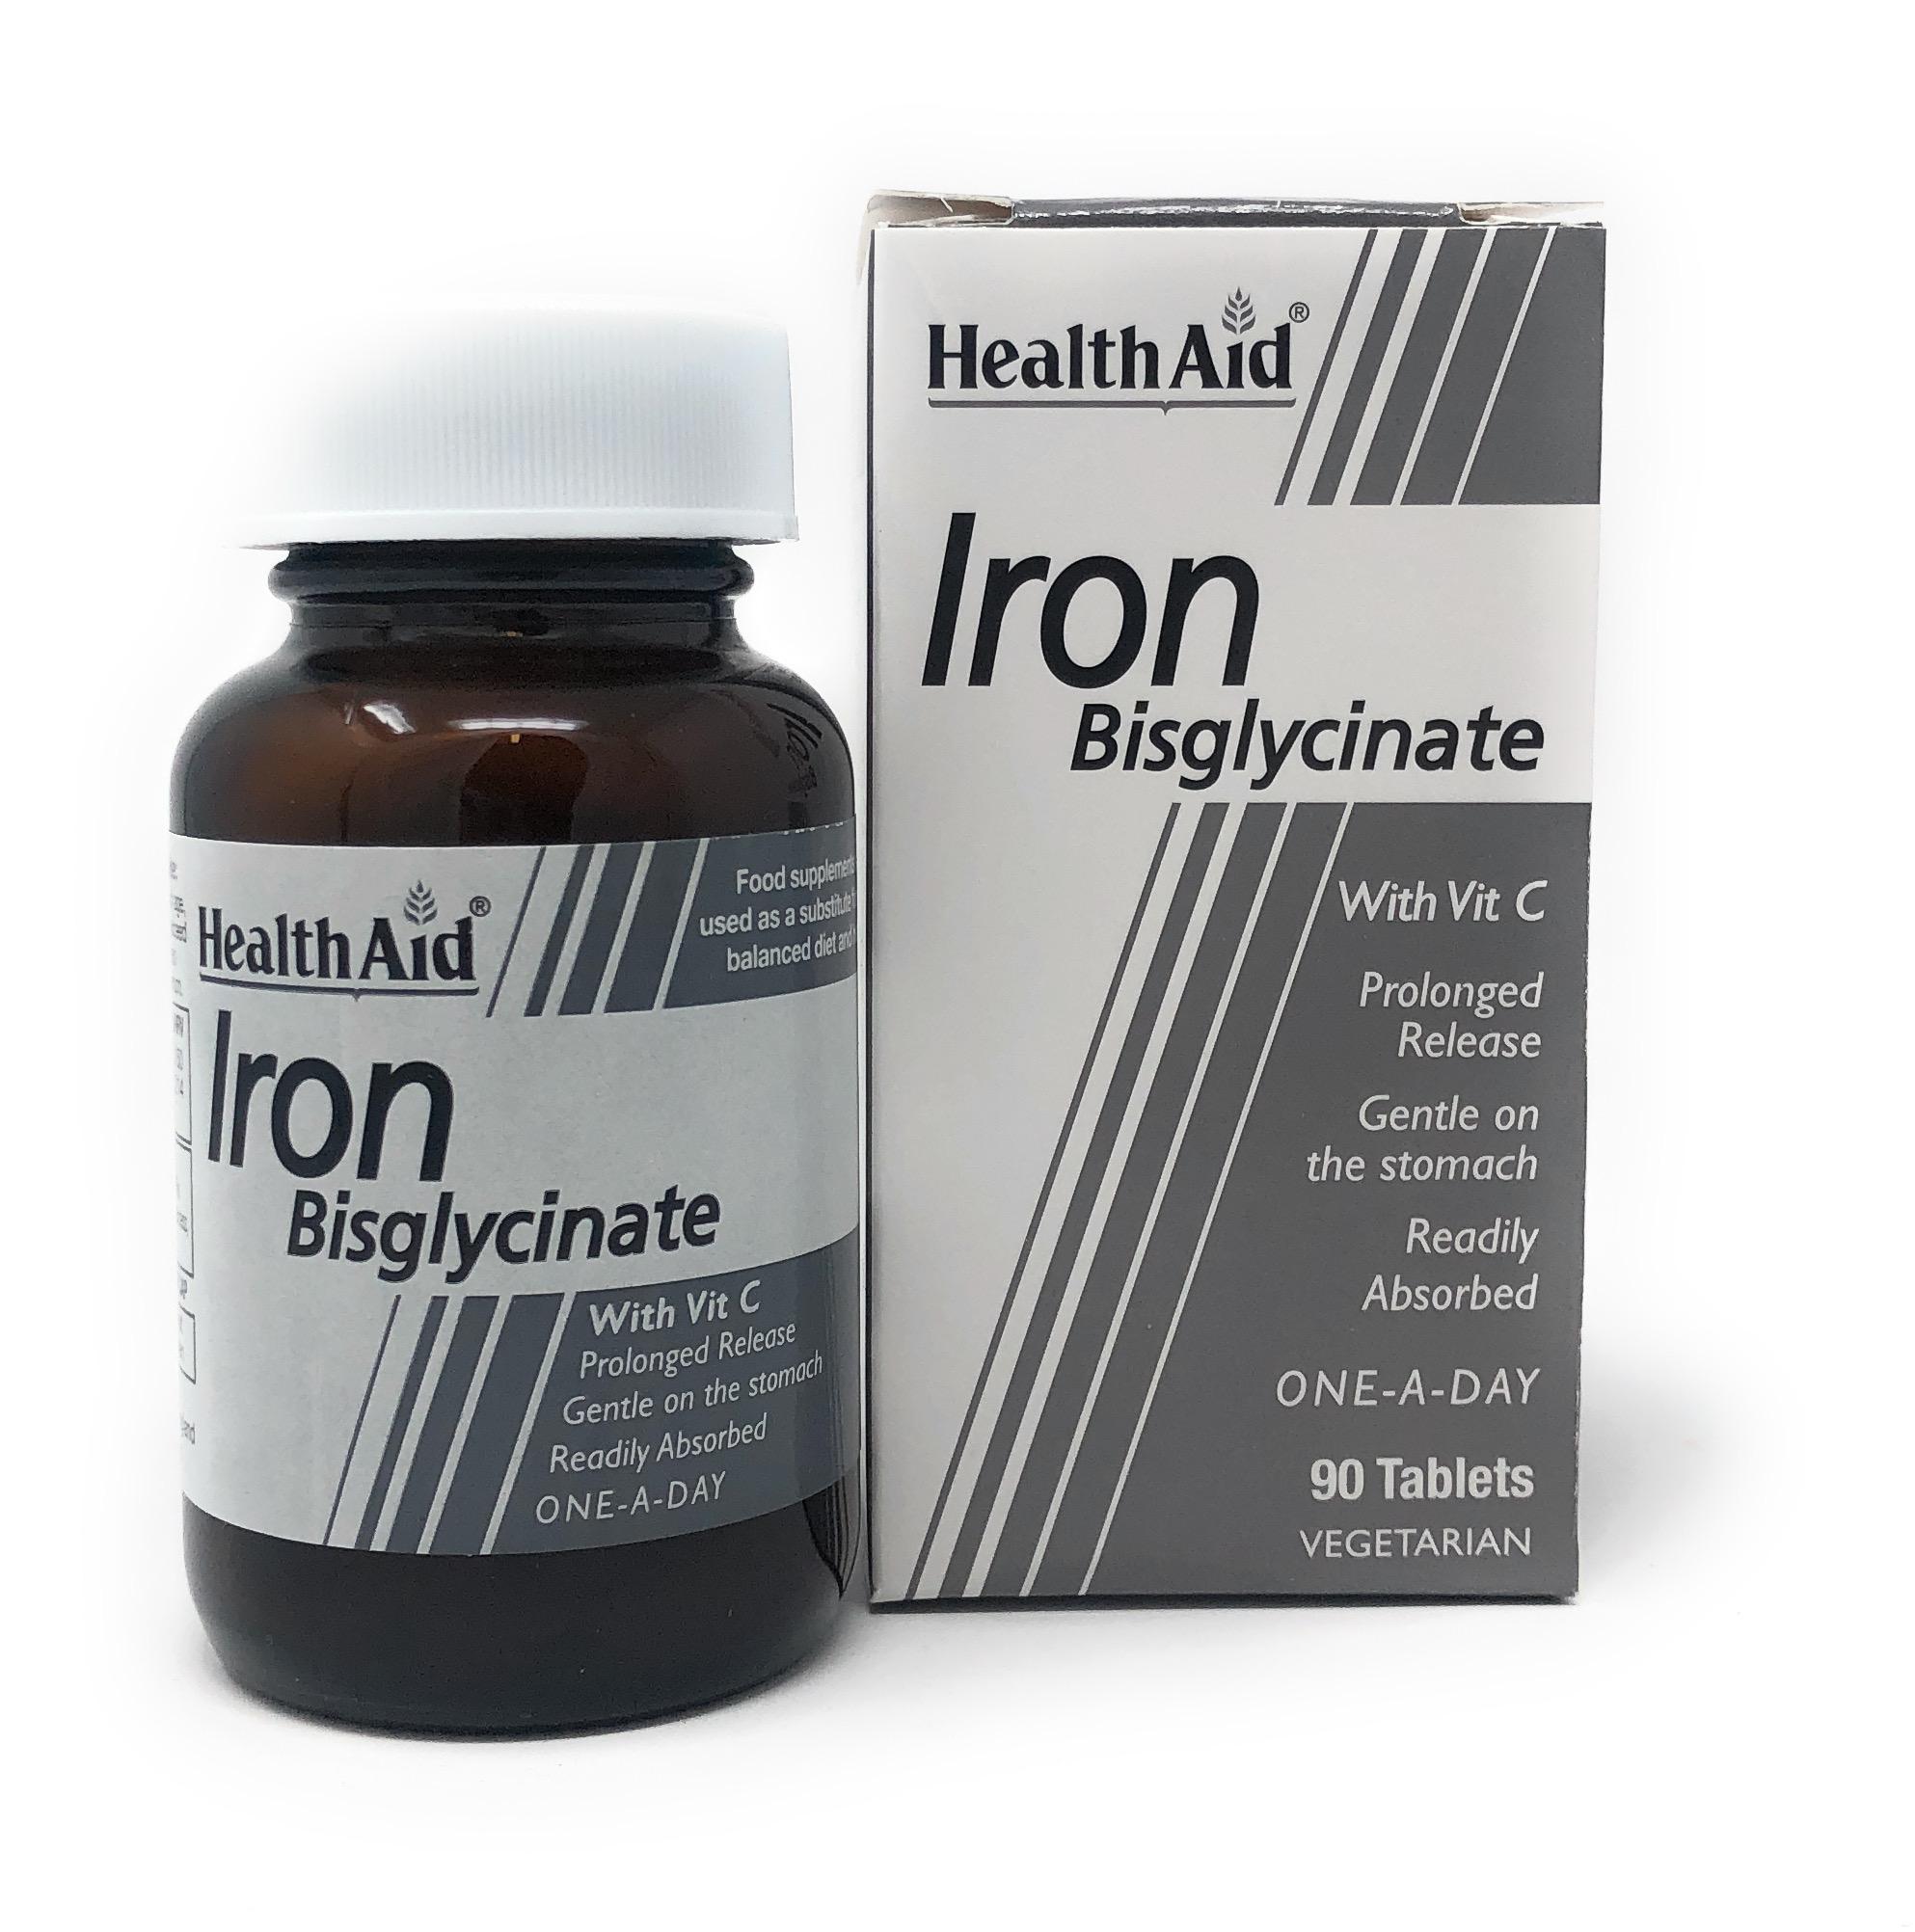 HealthAid Iron Bisglycinate (Iron with Vitamin C) (Eisen+Vit. C) 90 Tabletten